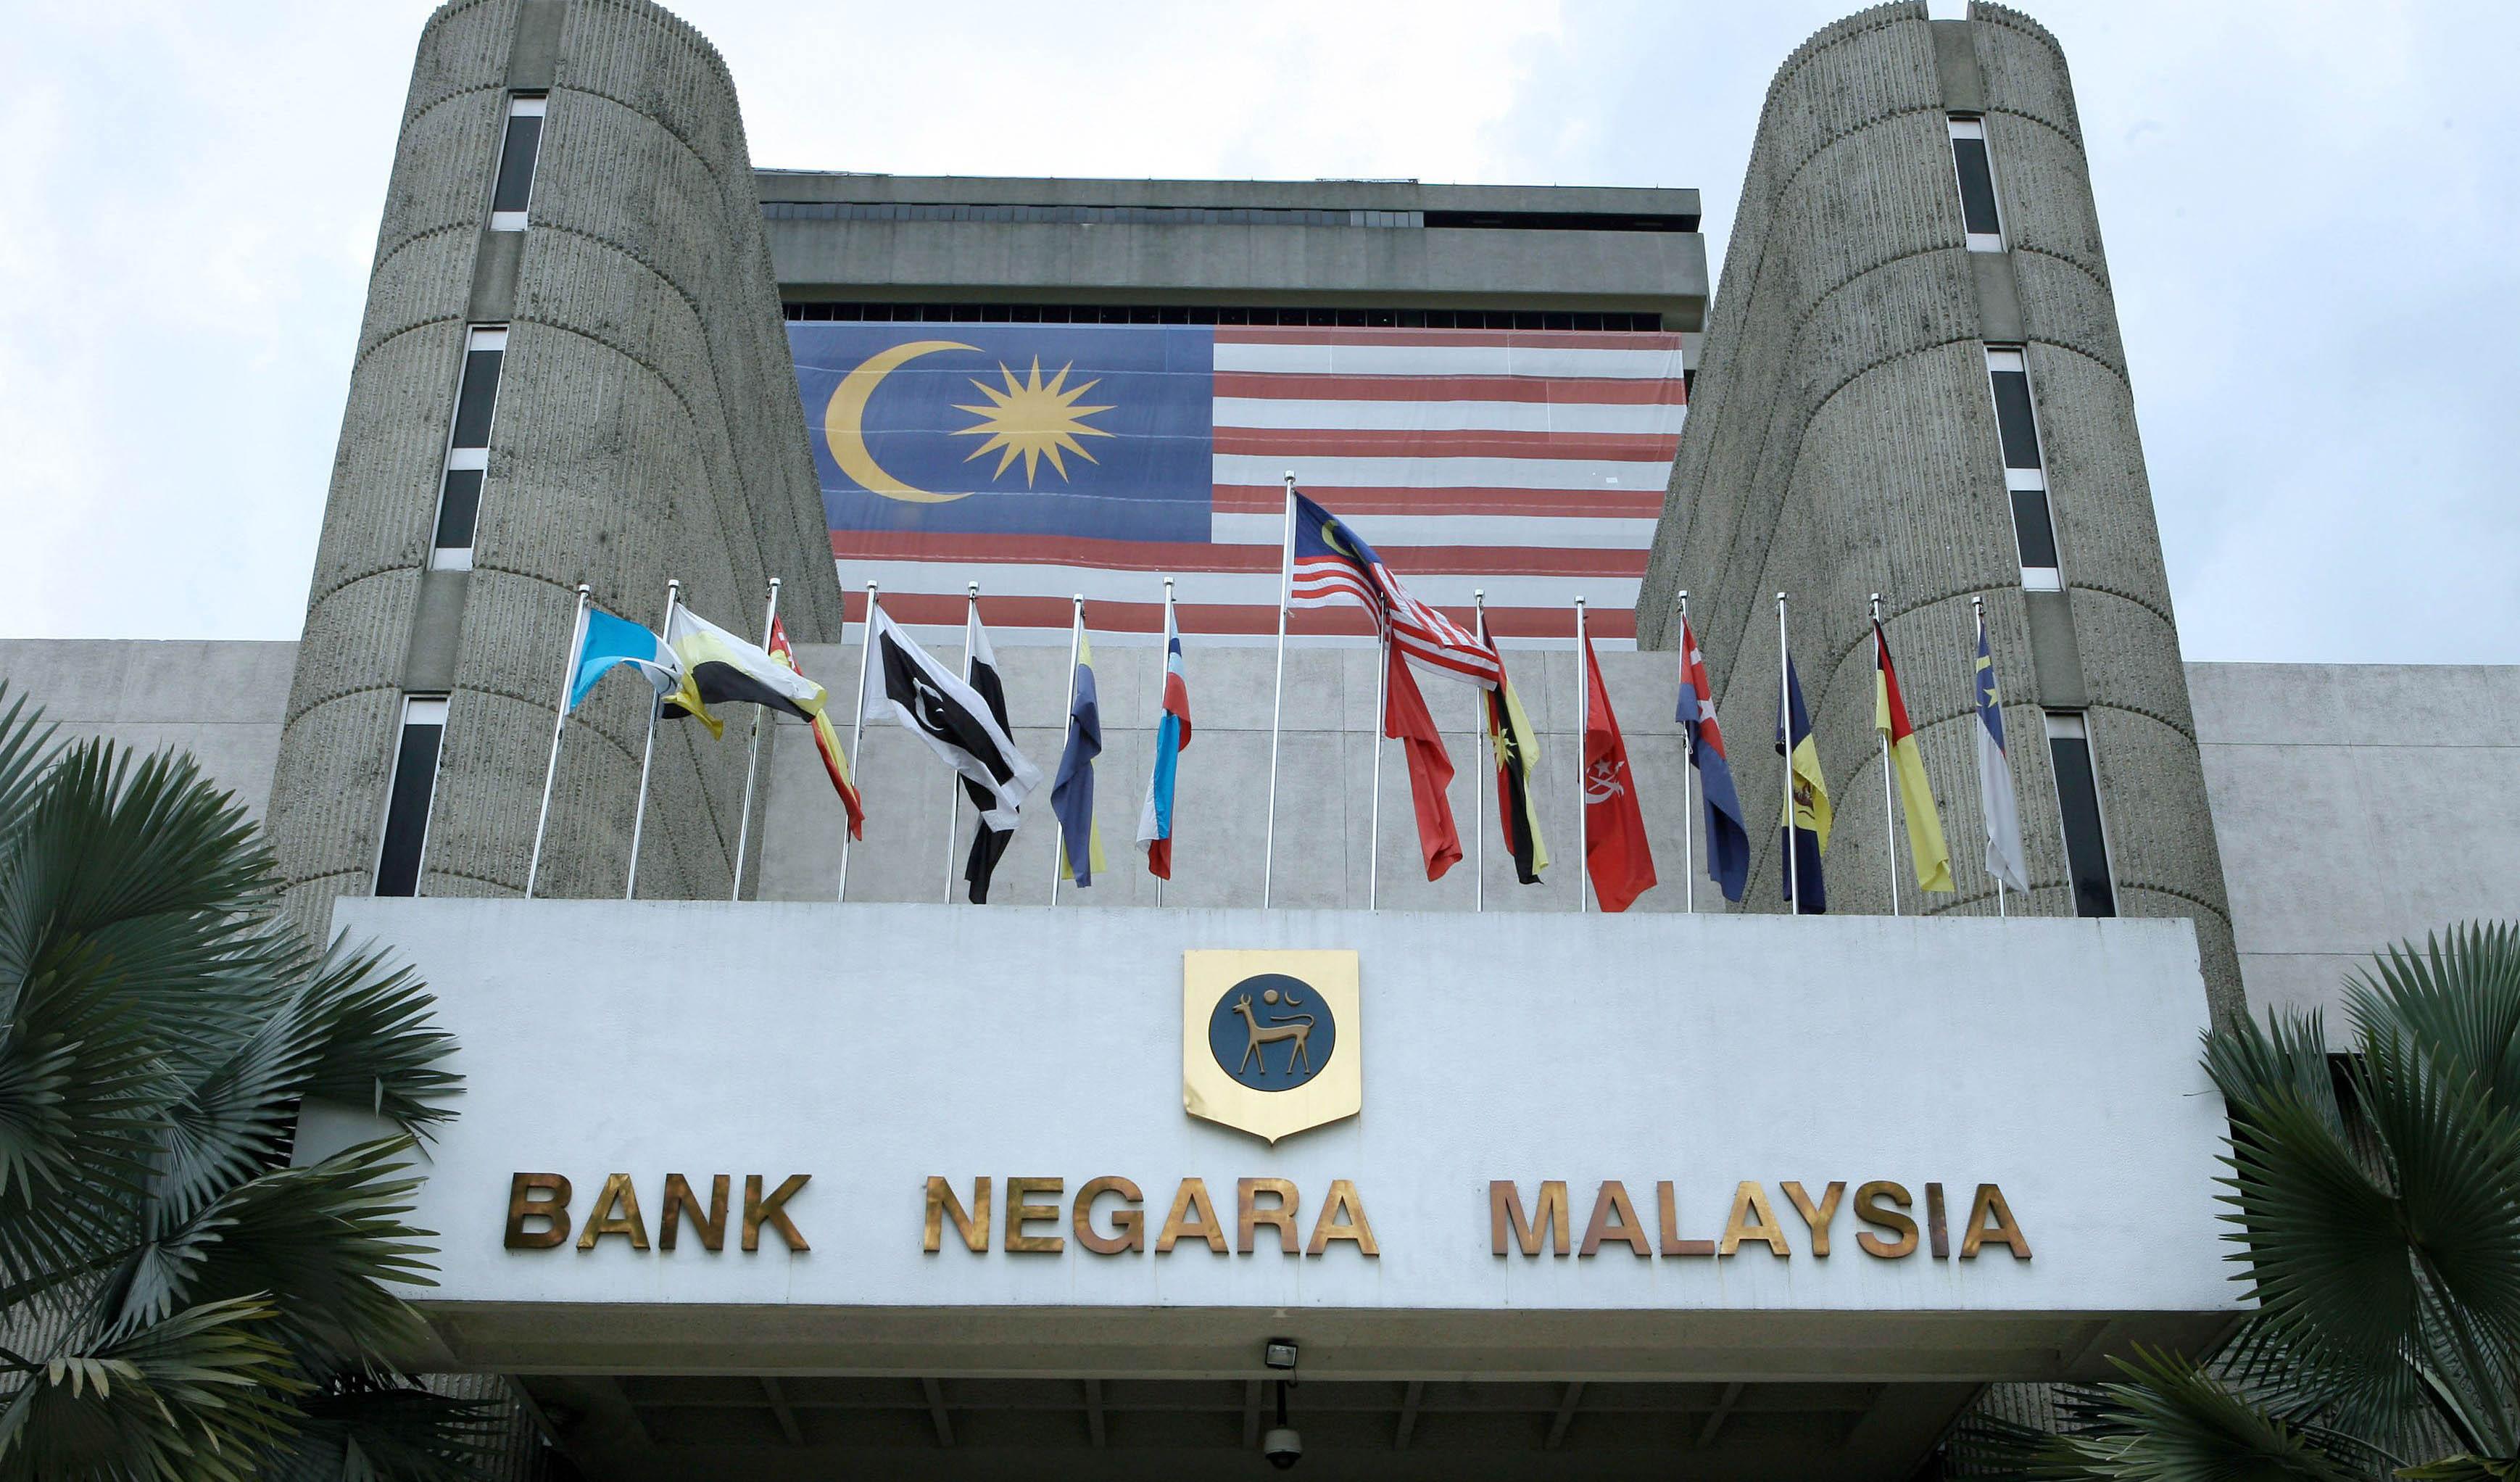 بسته شدن حسابهای بانکی ایرانیان در مالزی به علت تحریمهای آمریکا